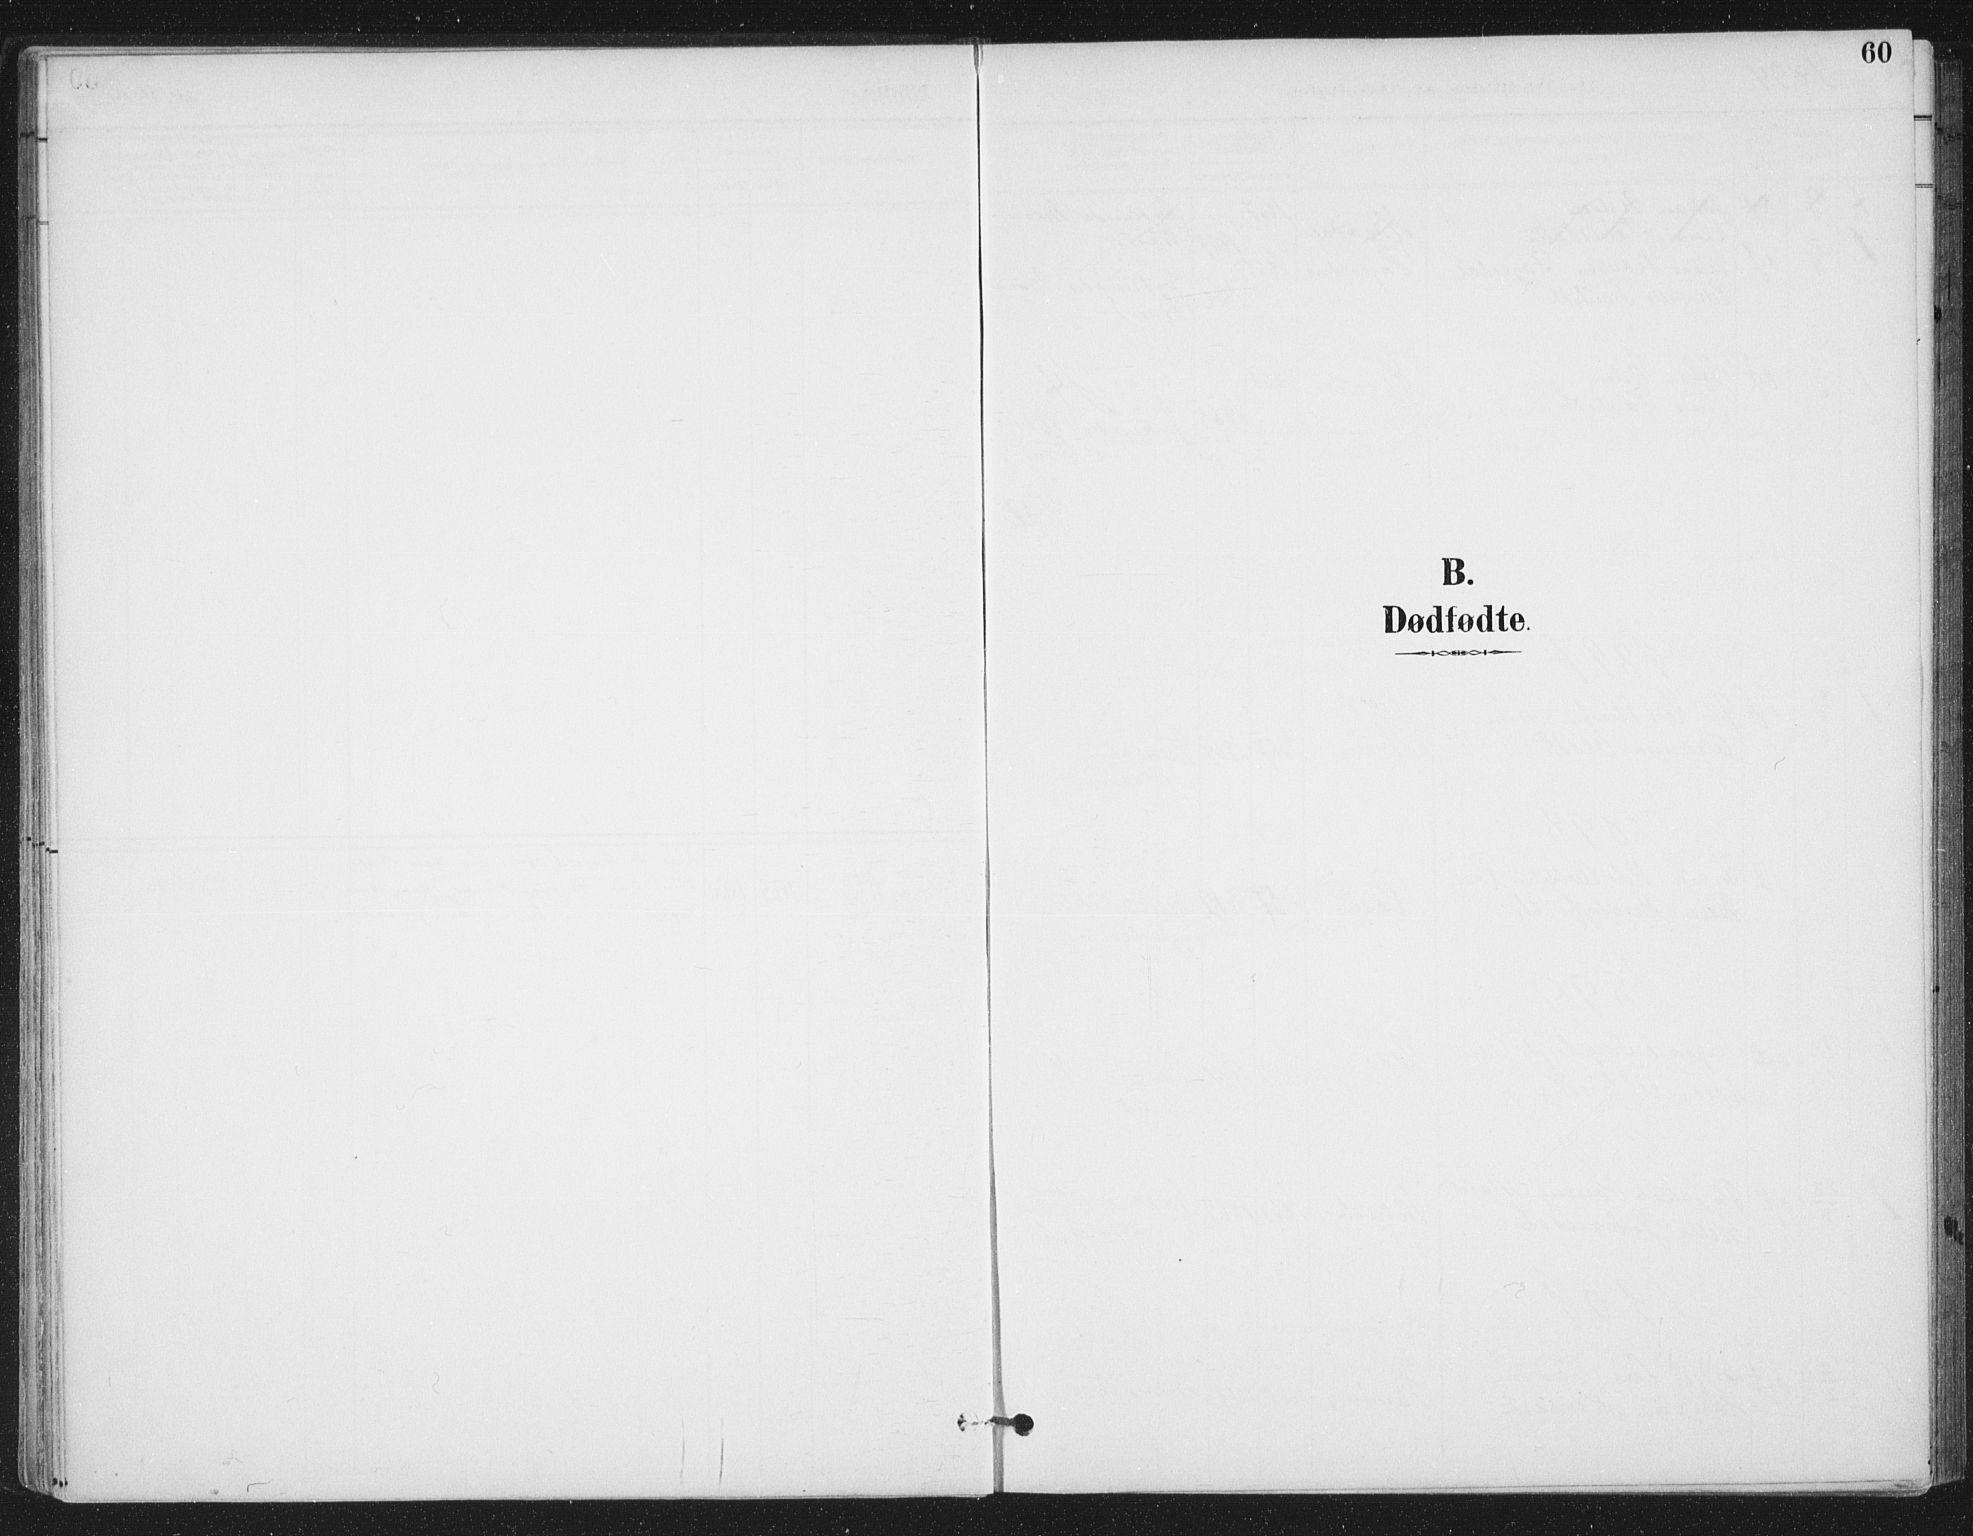 SAT, Ministerialprotokoller, klokkerbøker og fødselsregistre - Sør-Trøndelag, 657/L0708: Ministerialbok nr. 657A09, 1894-1904, s. 60